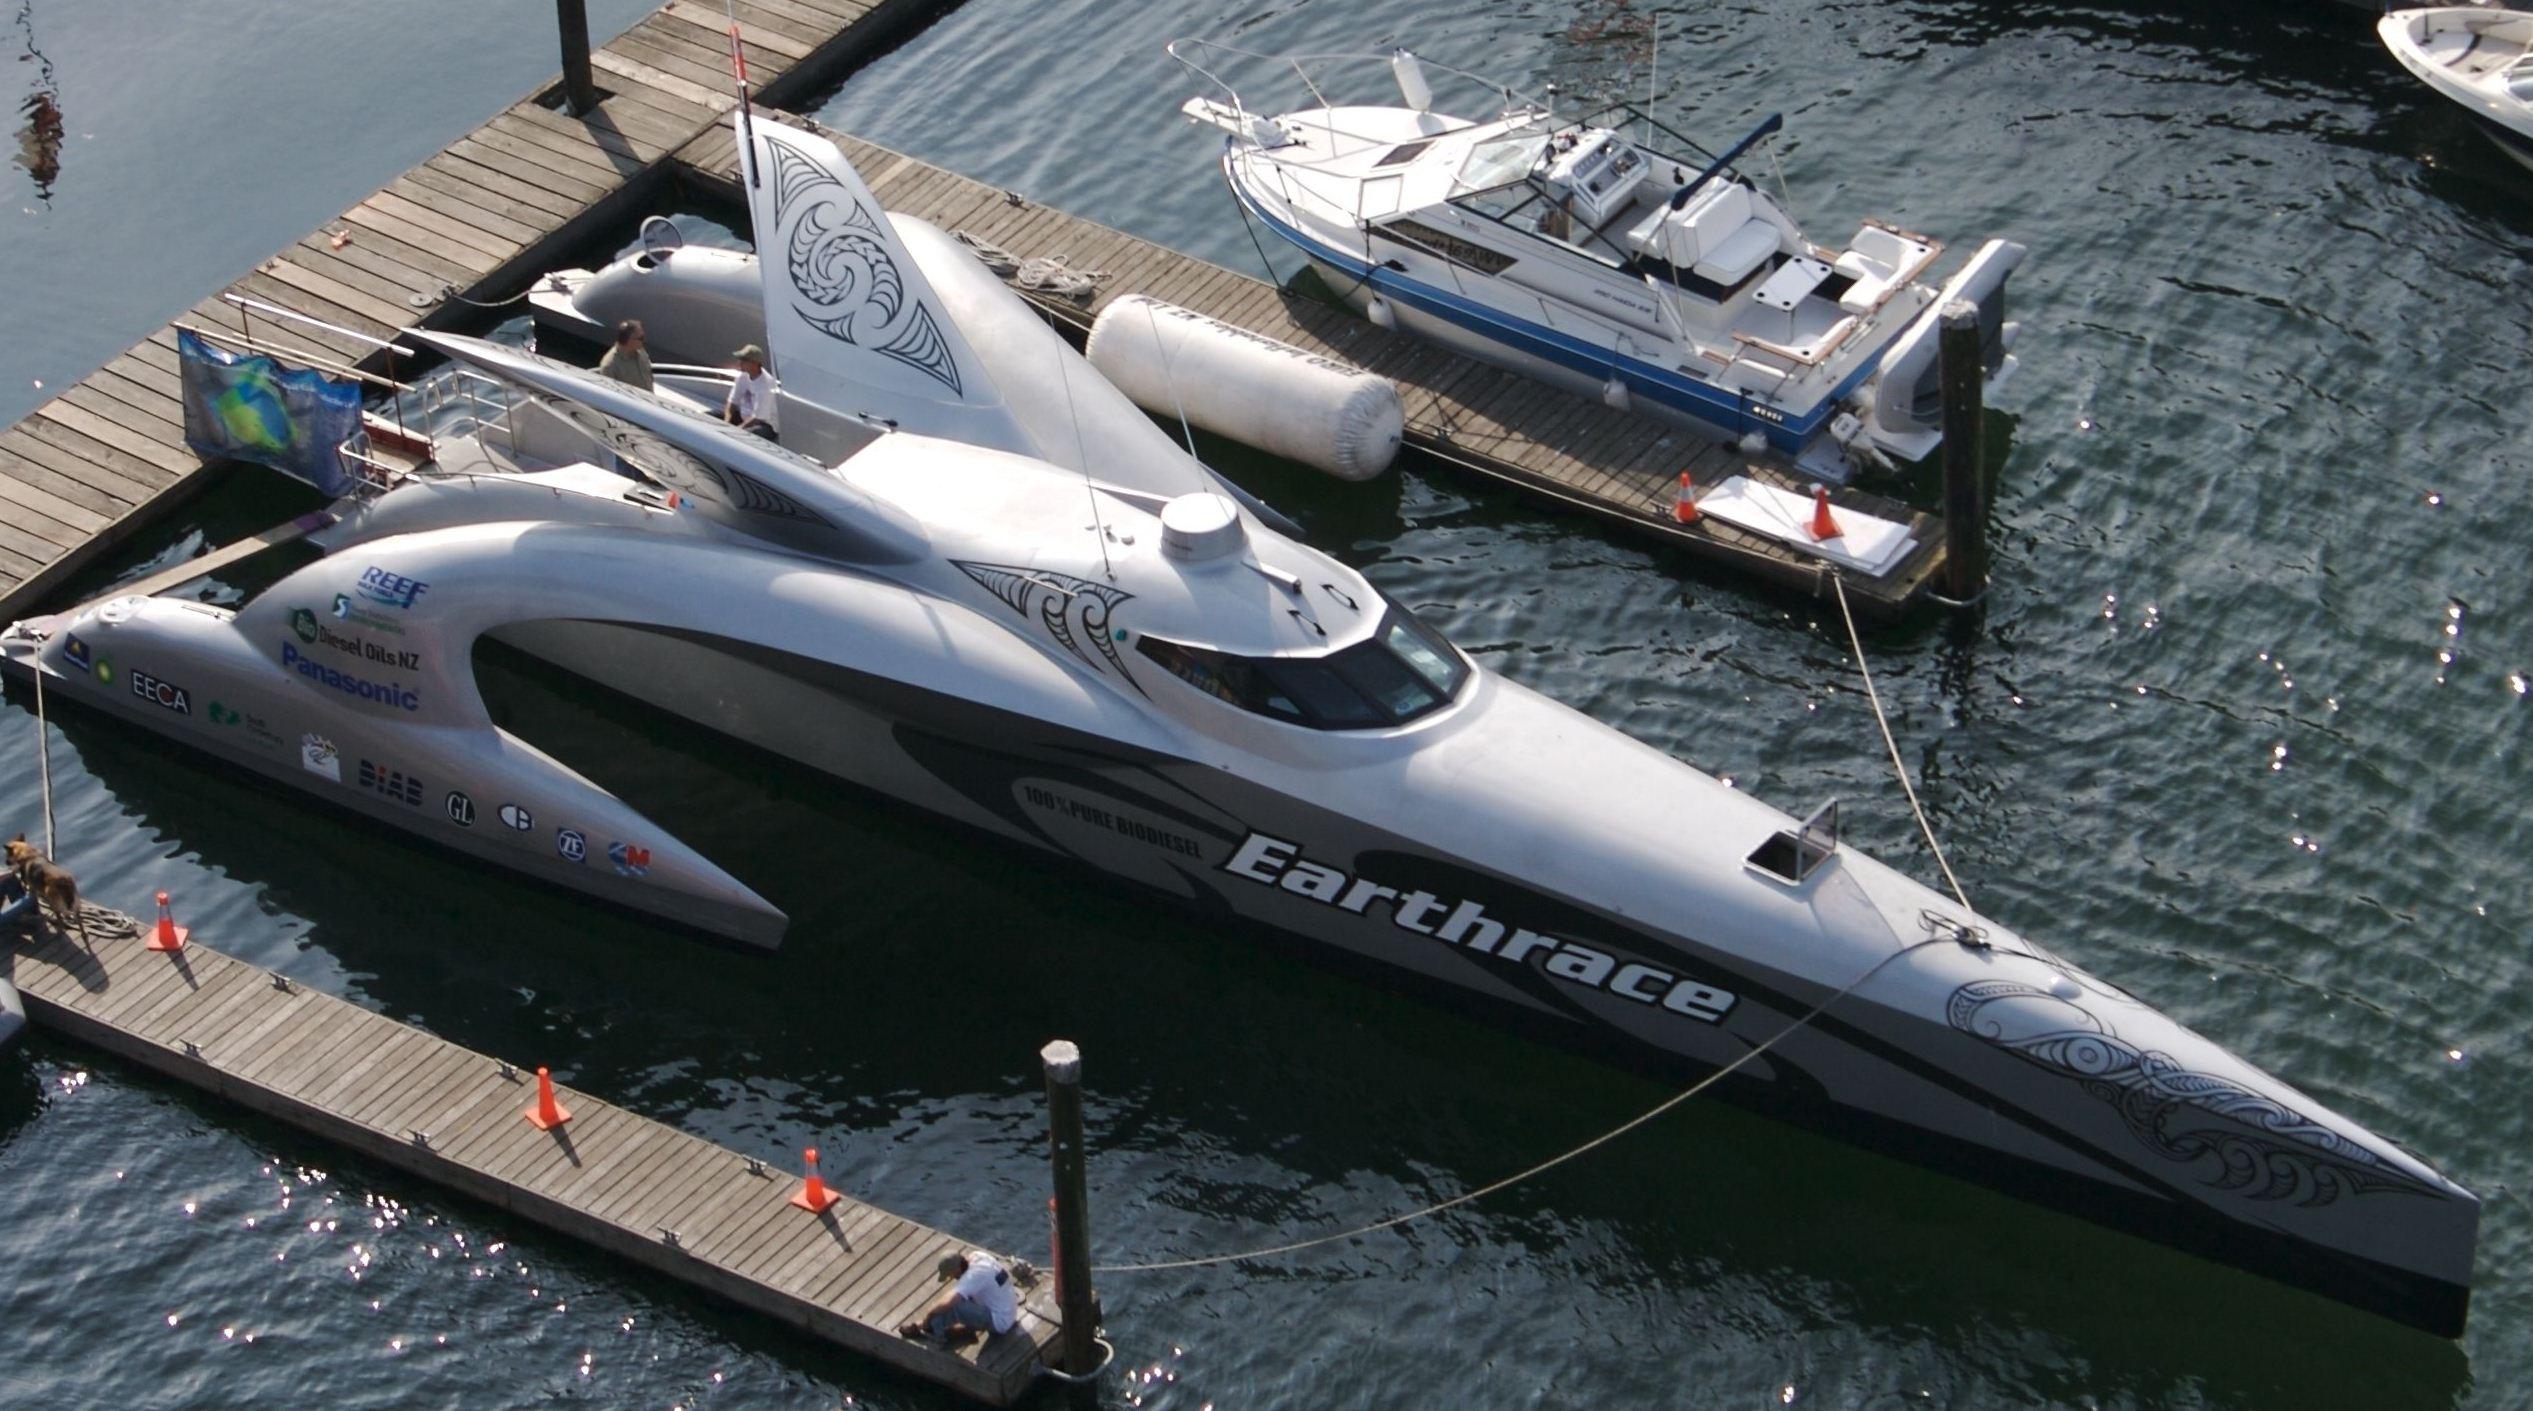 Картинки по запросу корабль будущего «Earthrace»